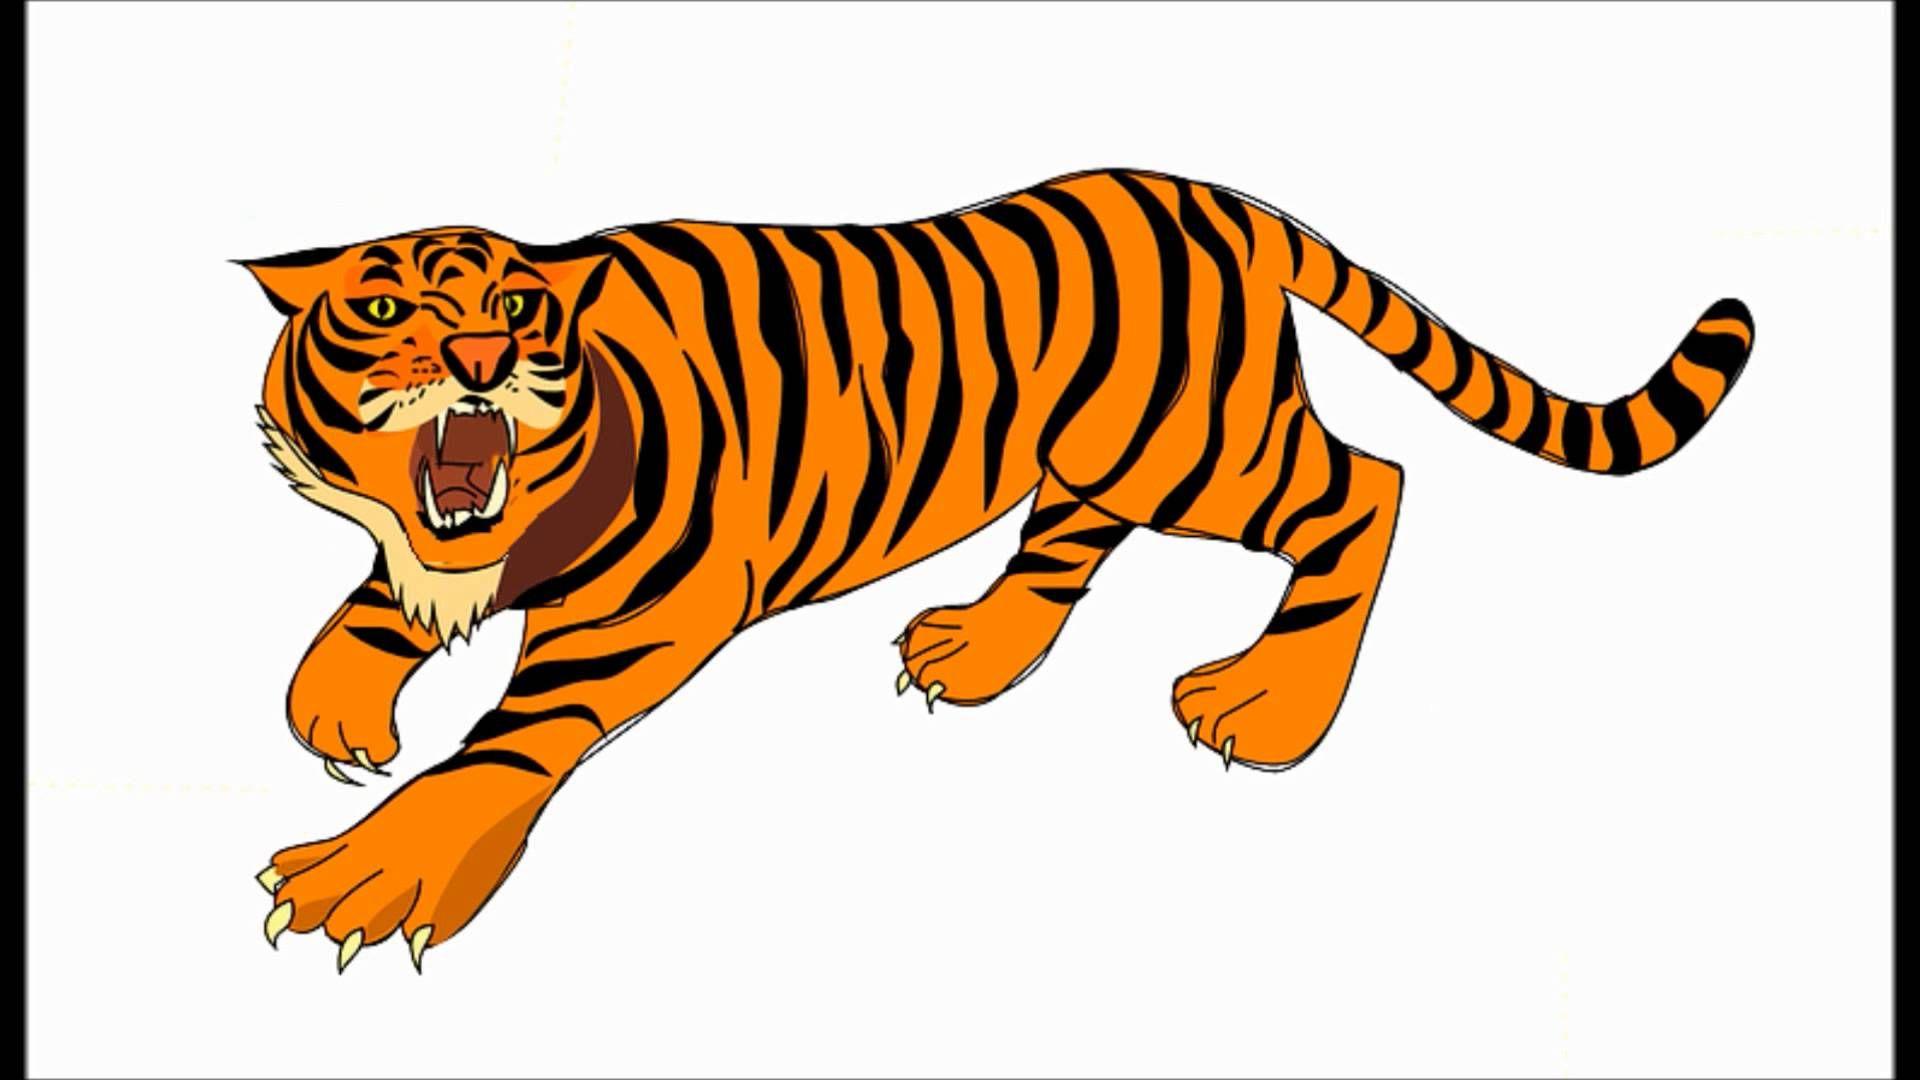 Tigre Animada Buscar Con Google Animals 2 Pinterest Buscar  # Muebles Tigre Infantiles